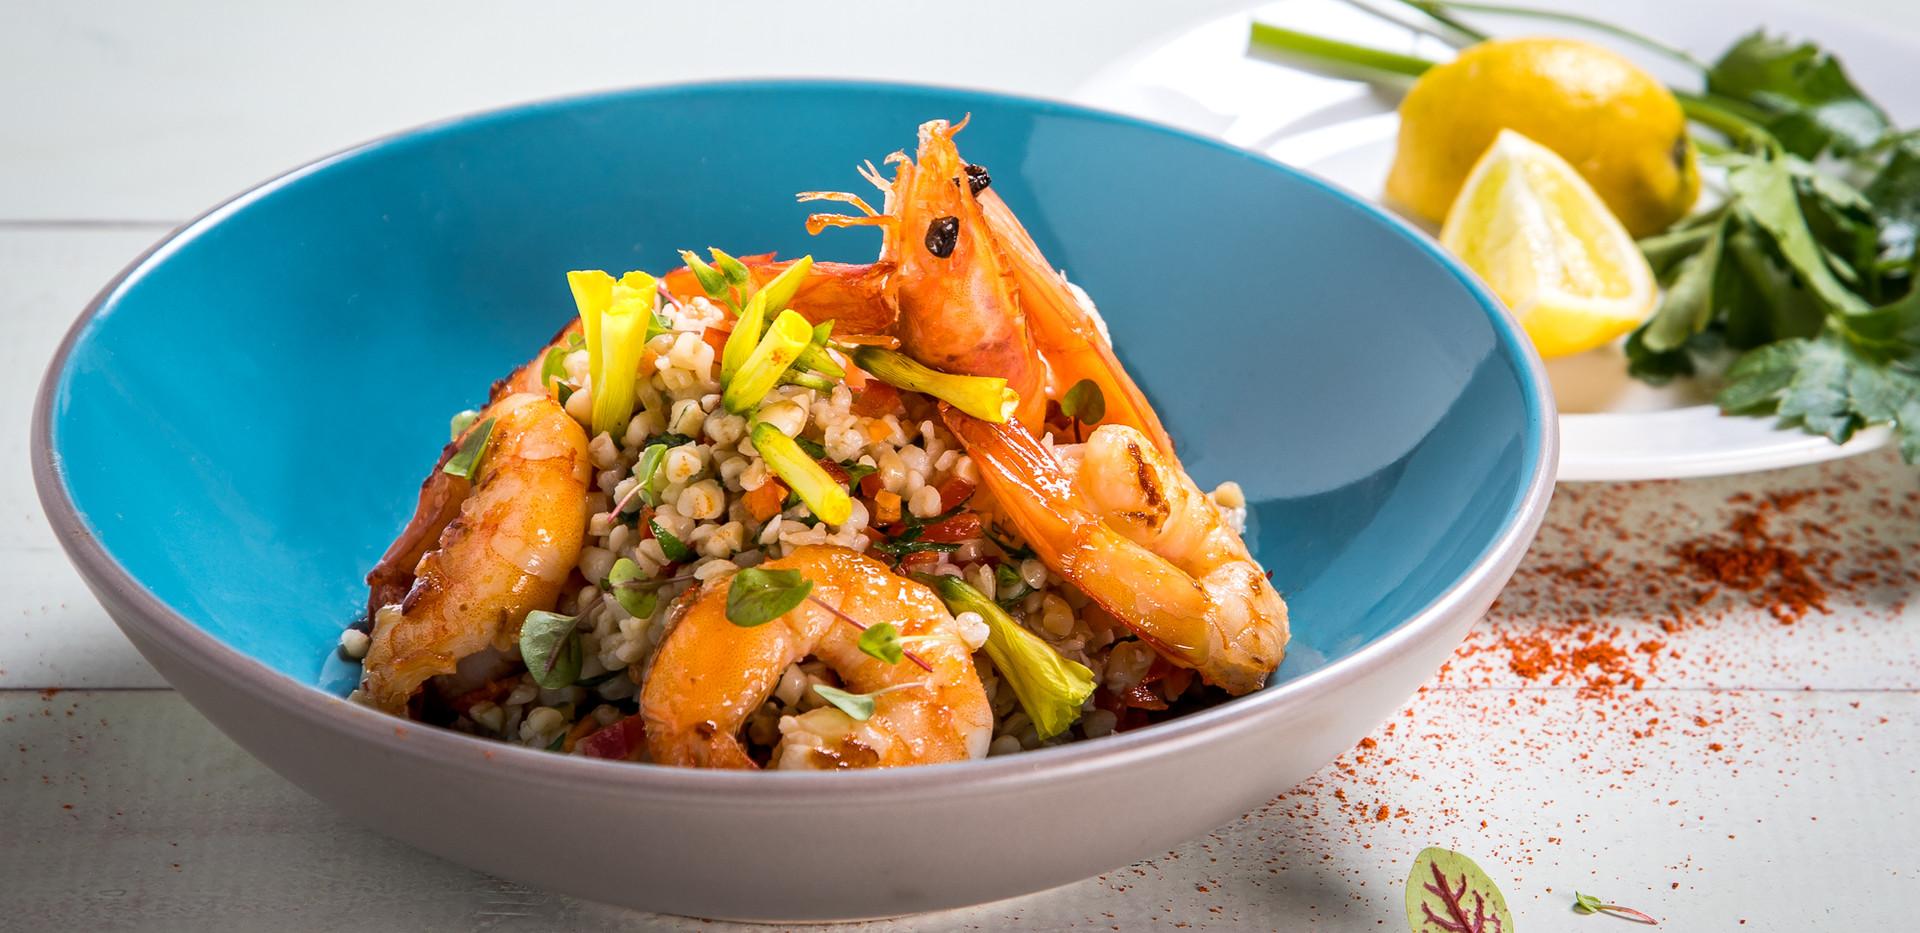 Seafood - shrimps